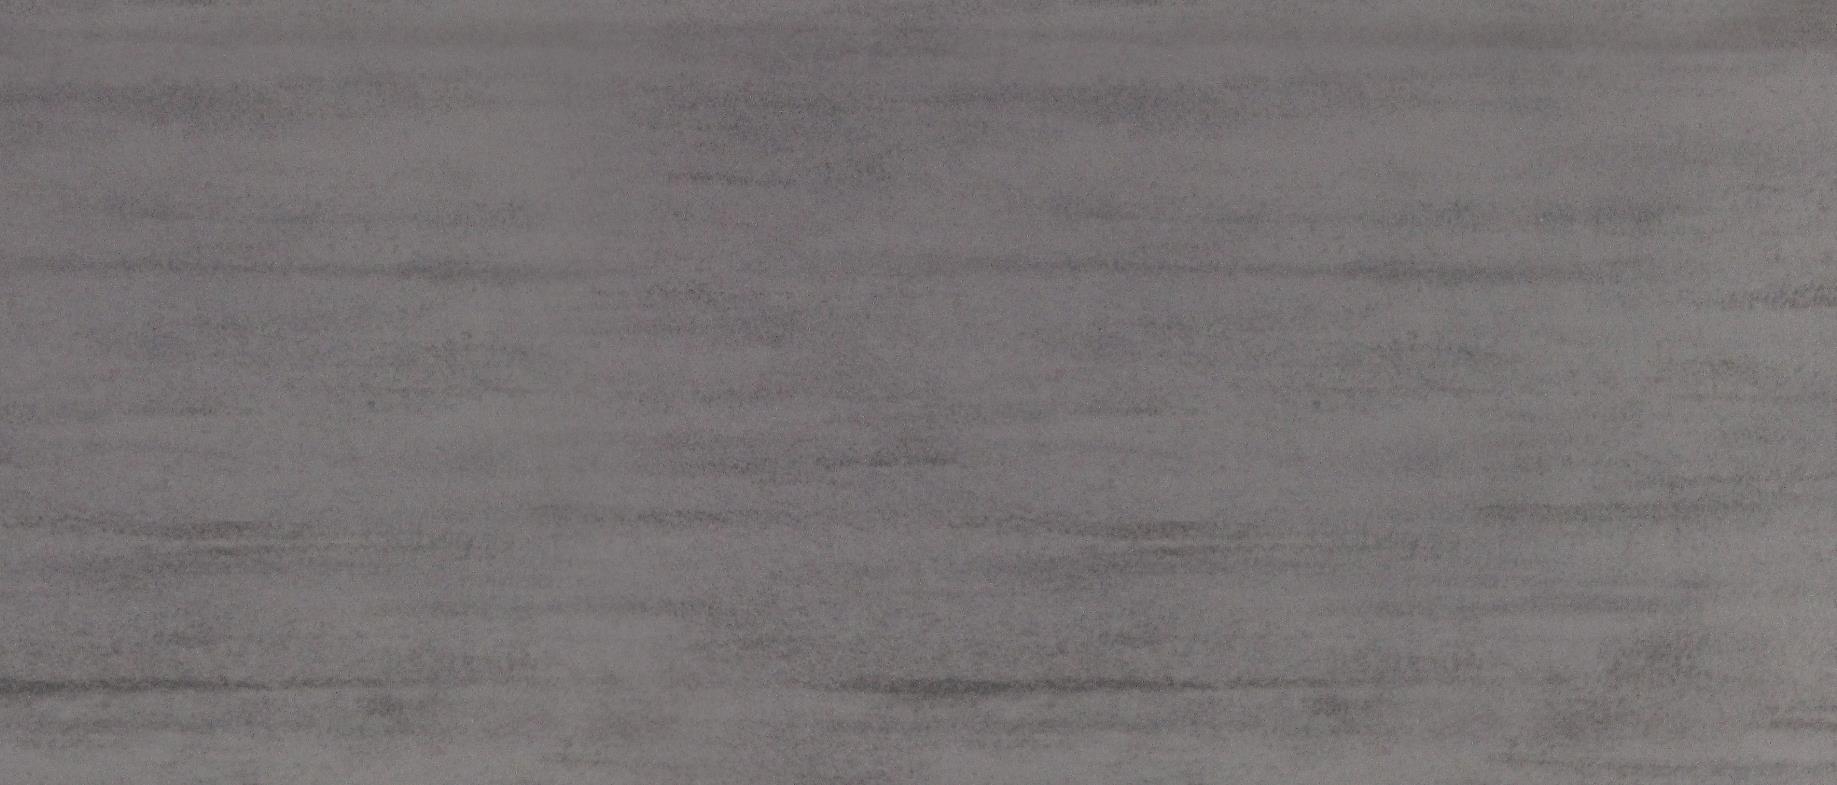 Bodenfliese meissen minos grau 45x90 cm günstig online kaufen!